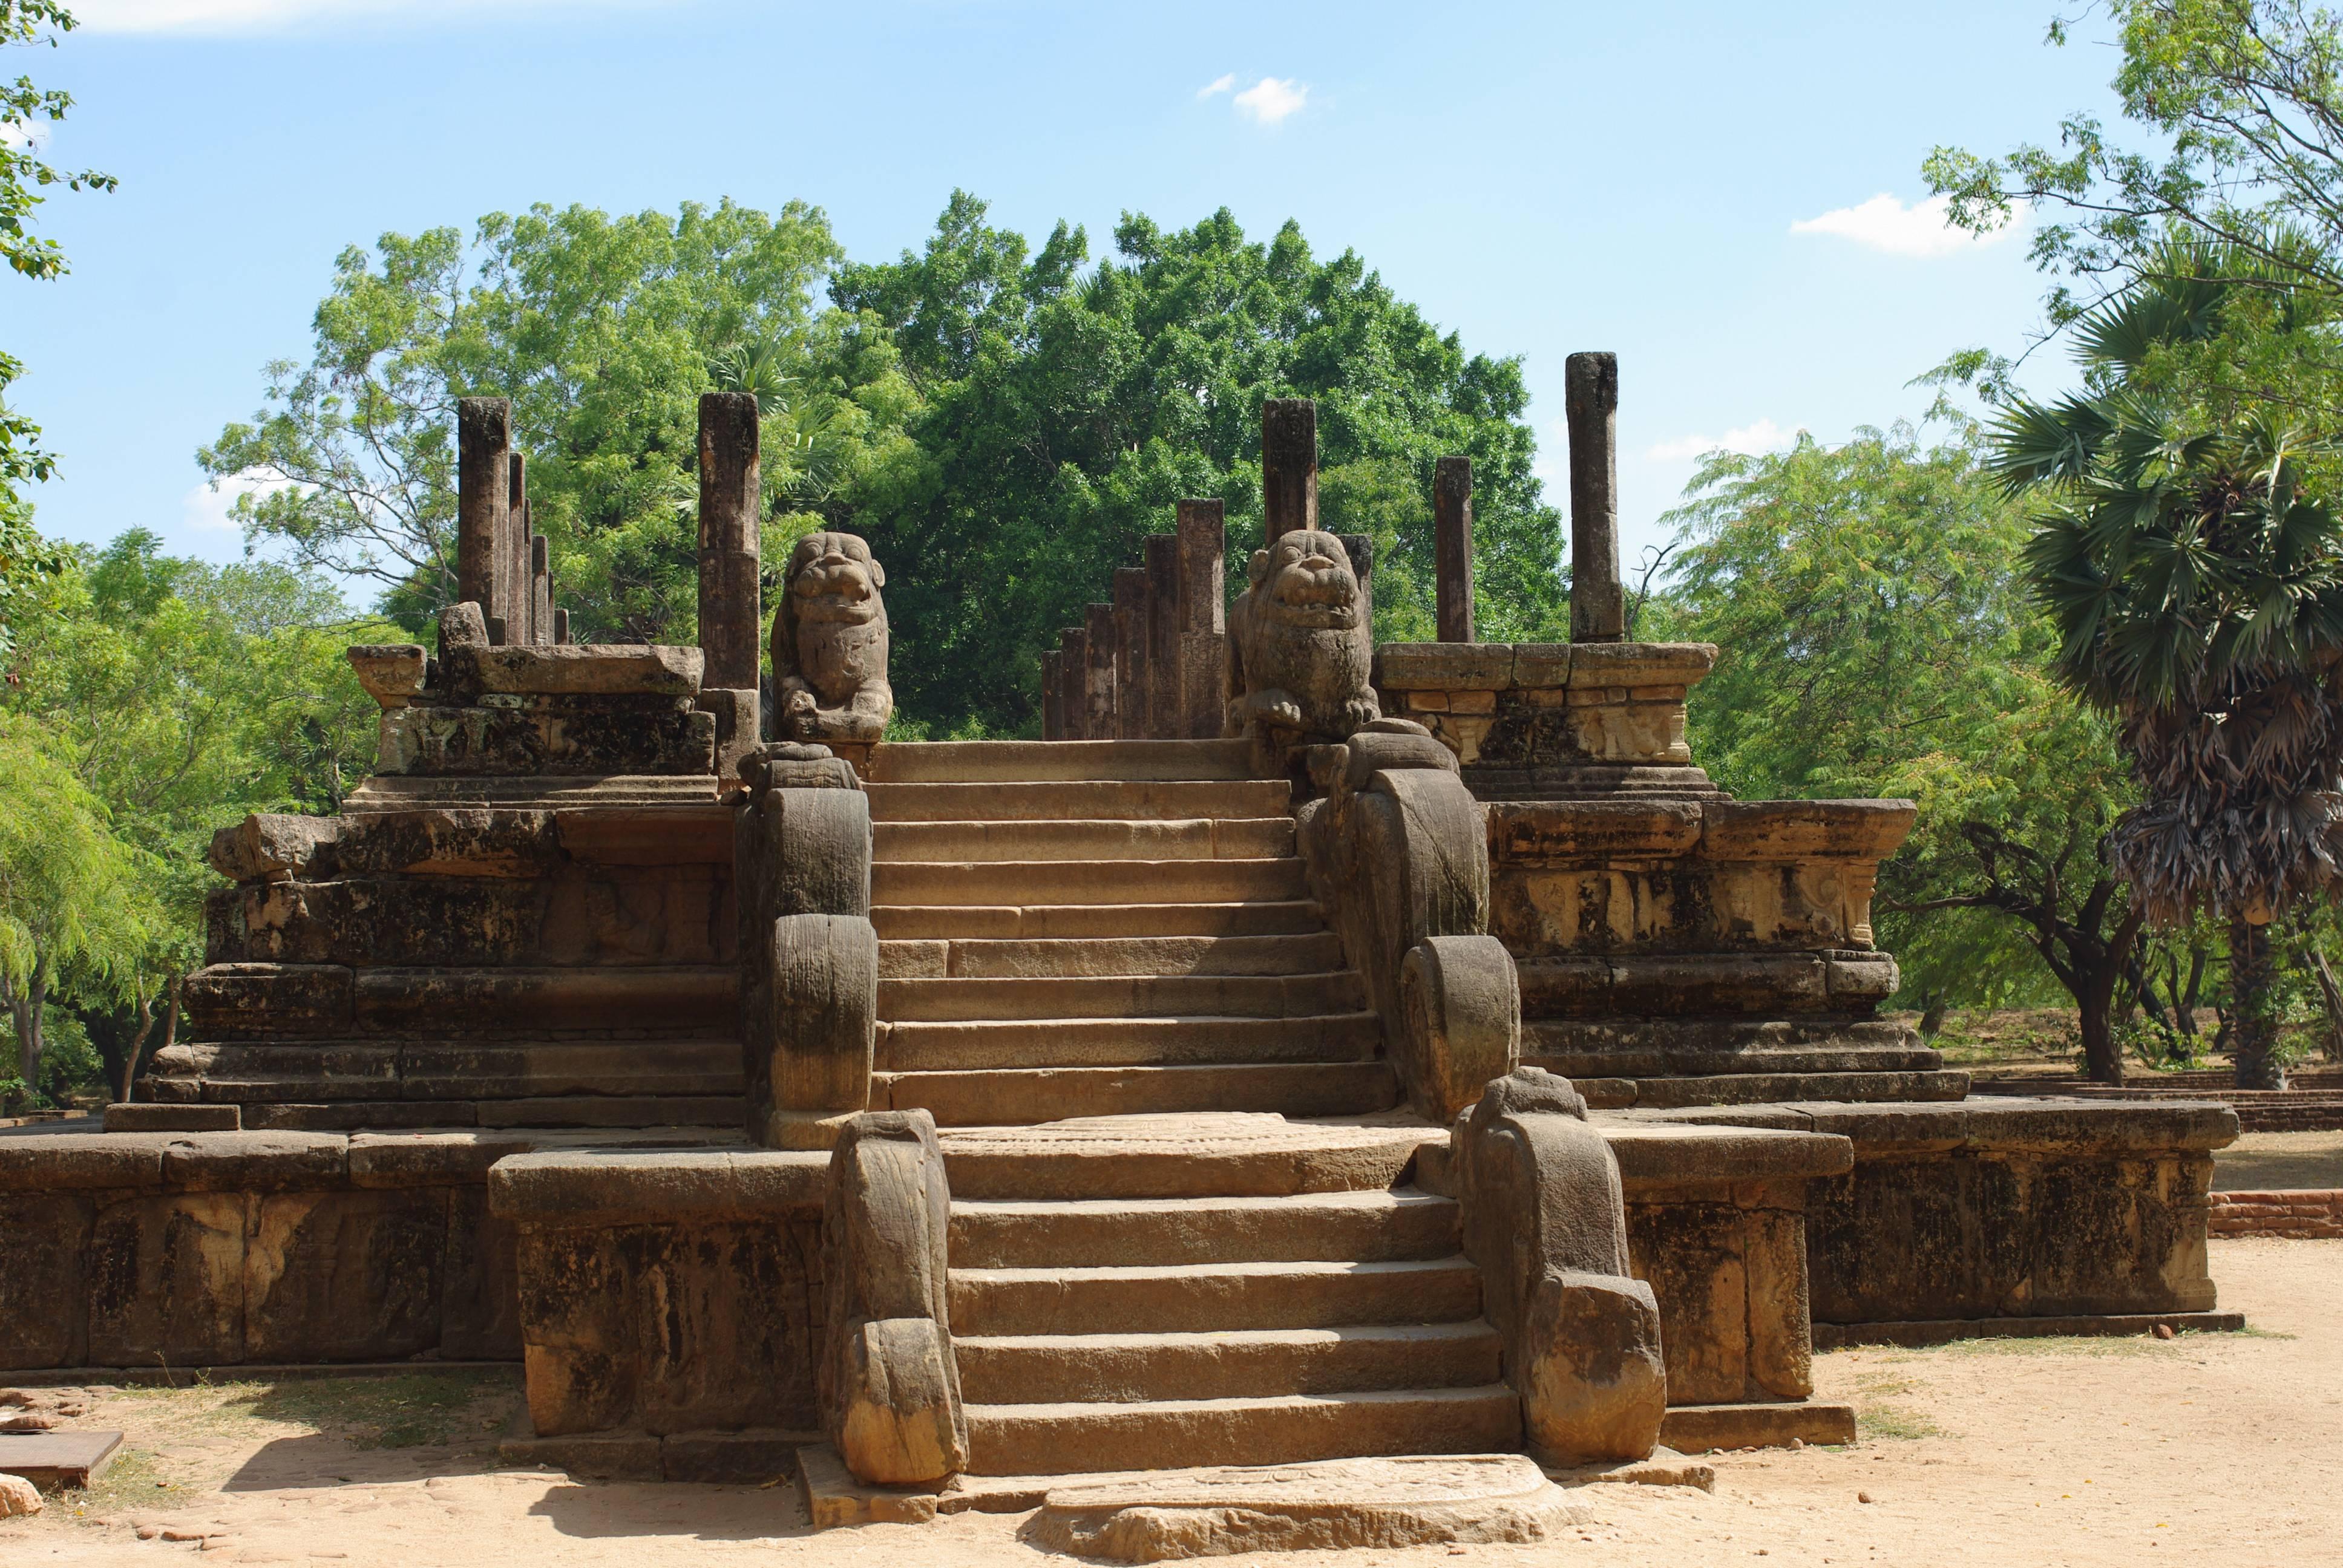 Photo 1: Le site de Polonnaruwa